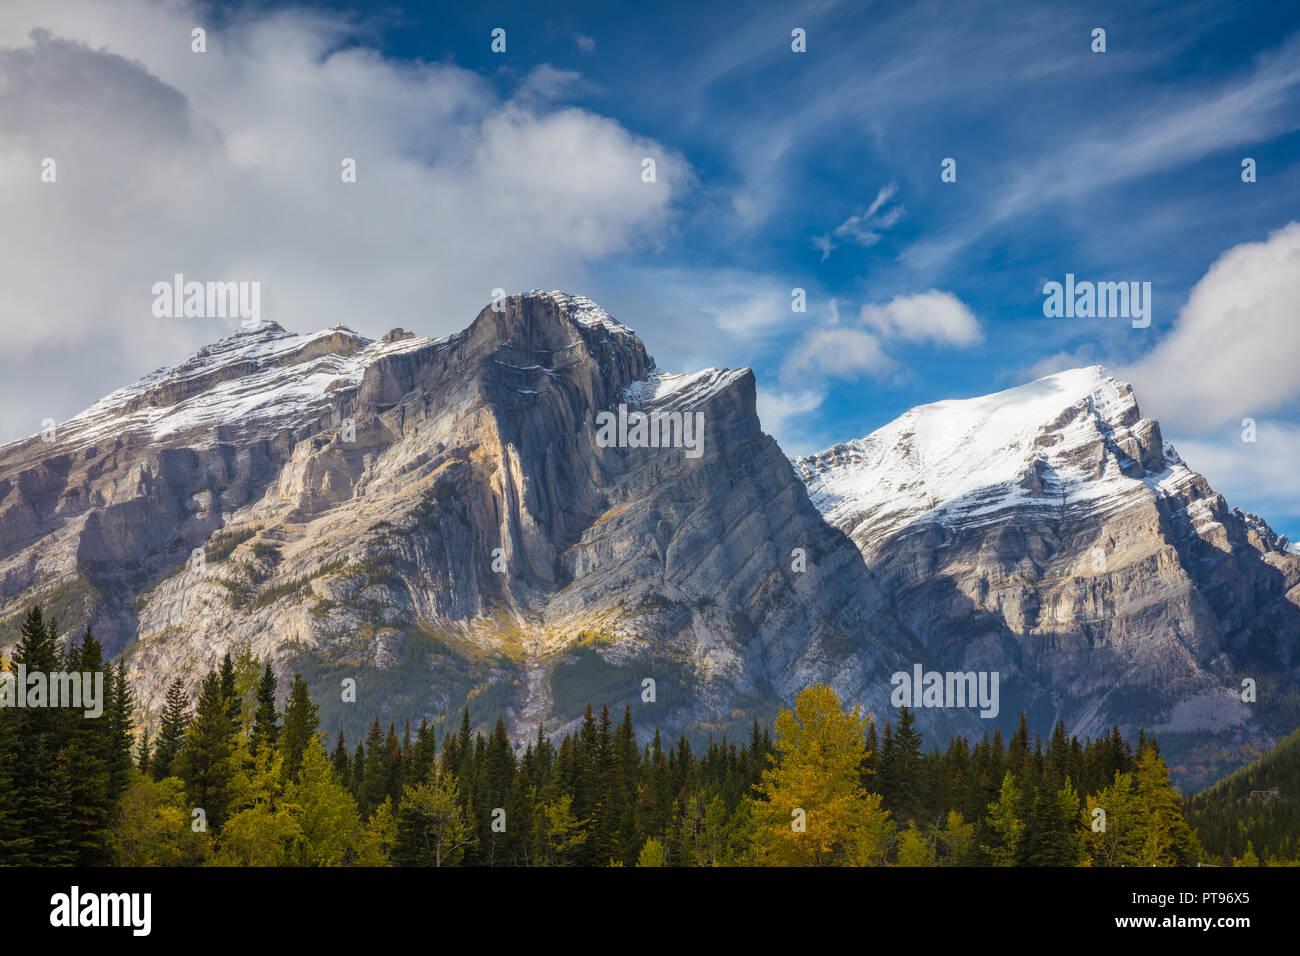 La région de Kananaskis est un système de stationnement situé à l'ouest de Calgary, Alberta, Canada dans les contreforts et les chaînons frontaux des Rocheuses canadiennes. Photo Stock